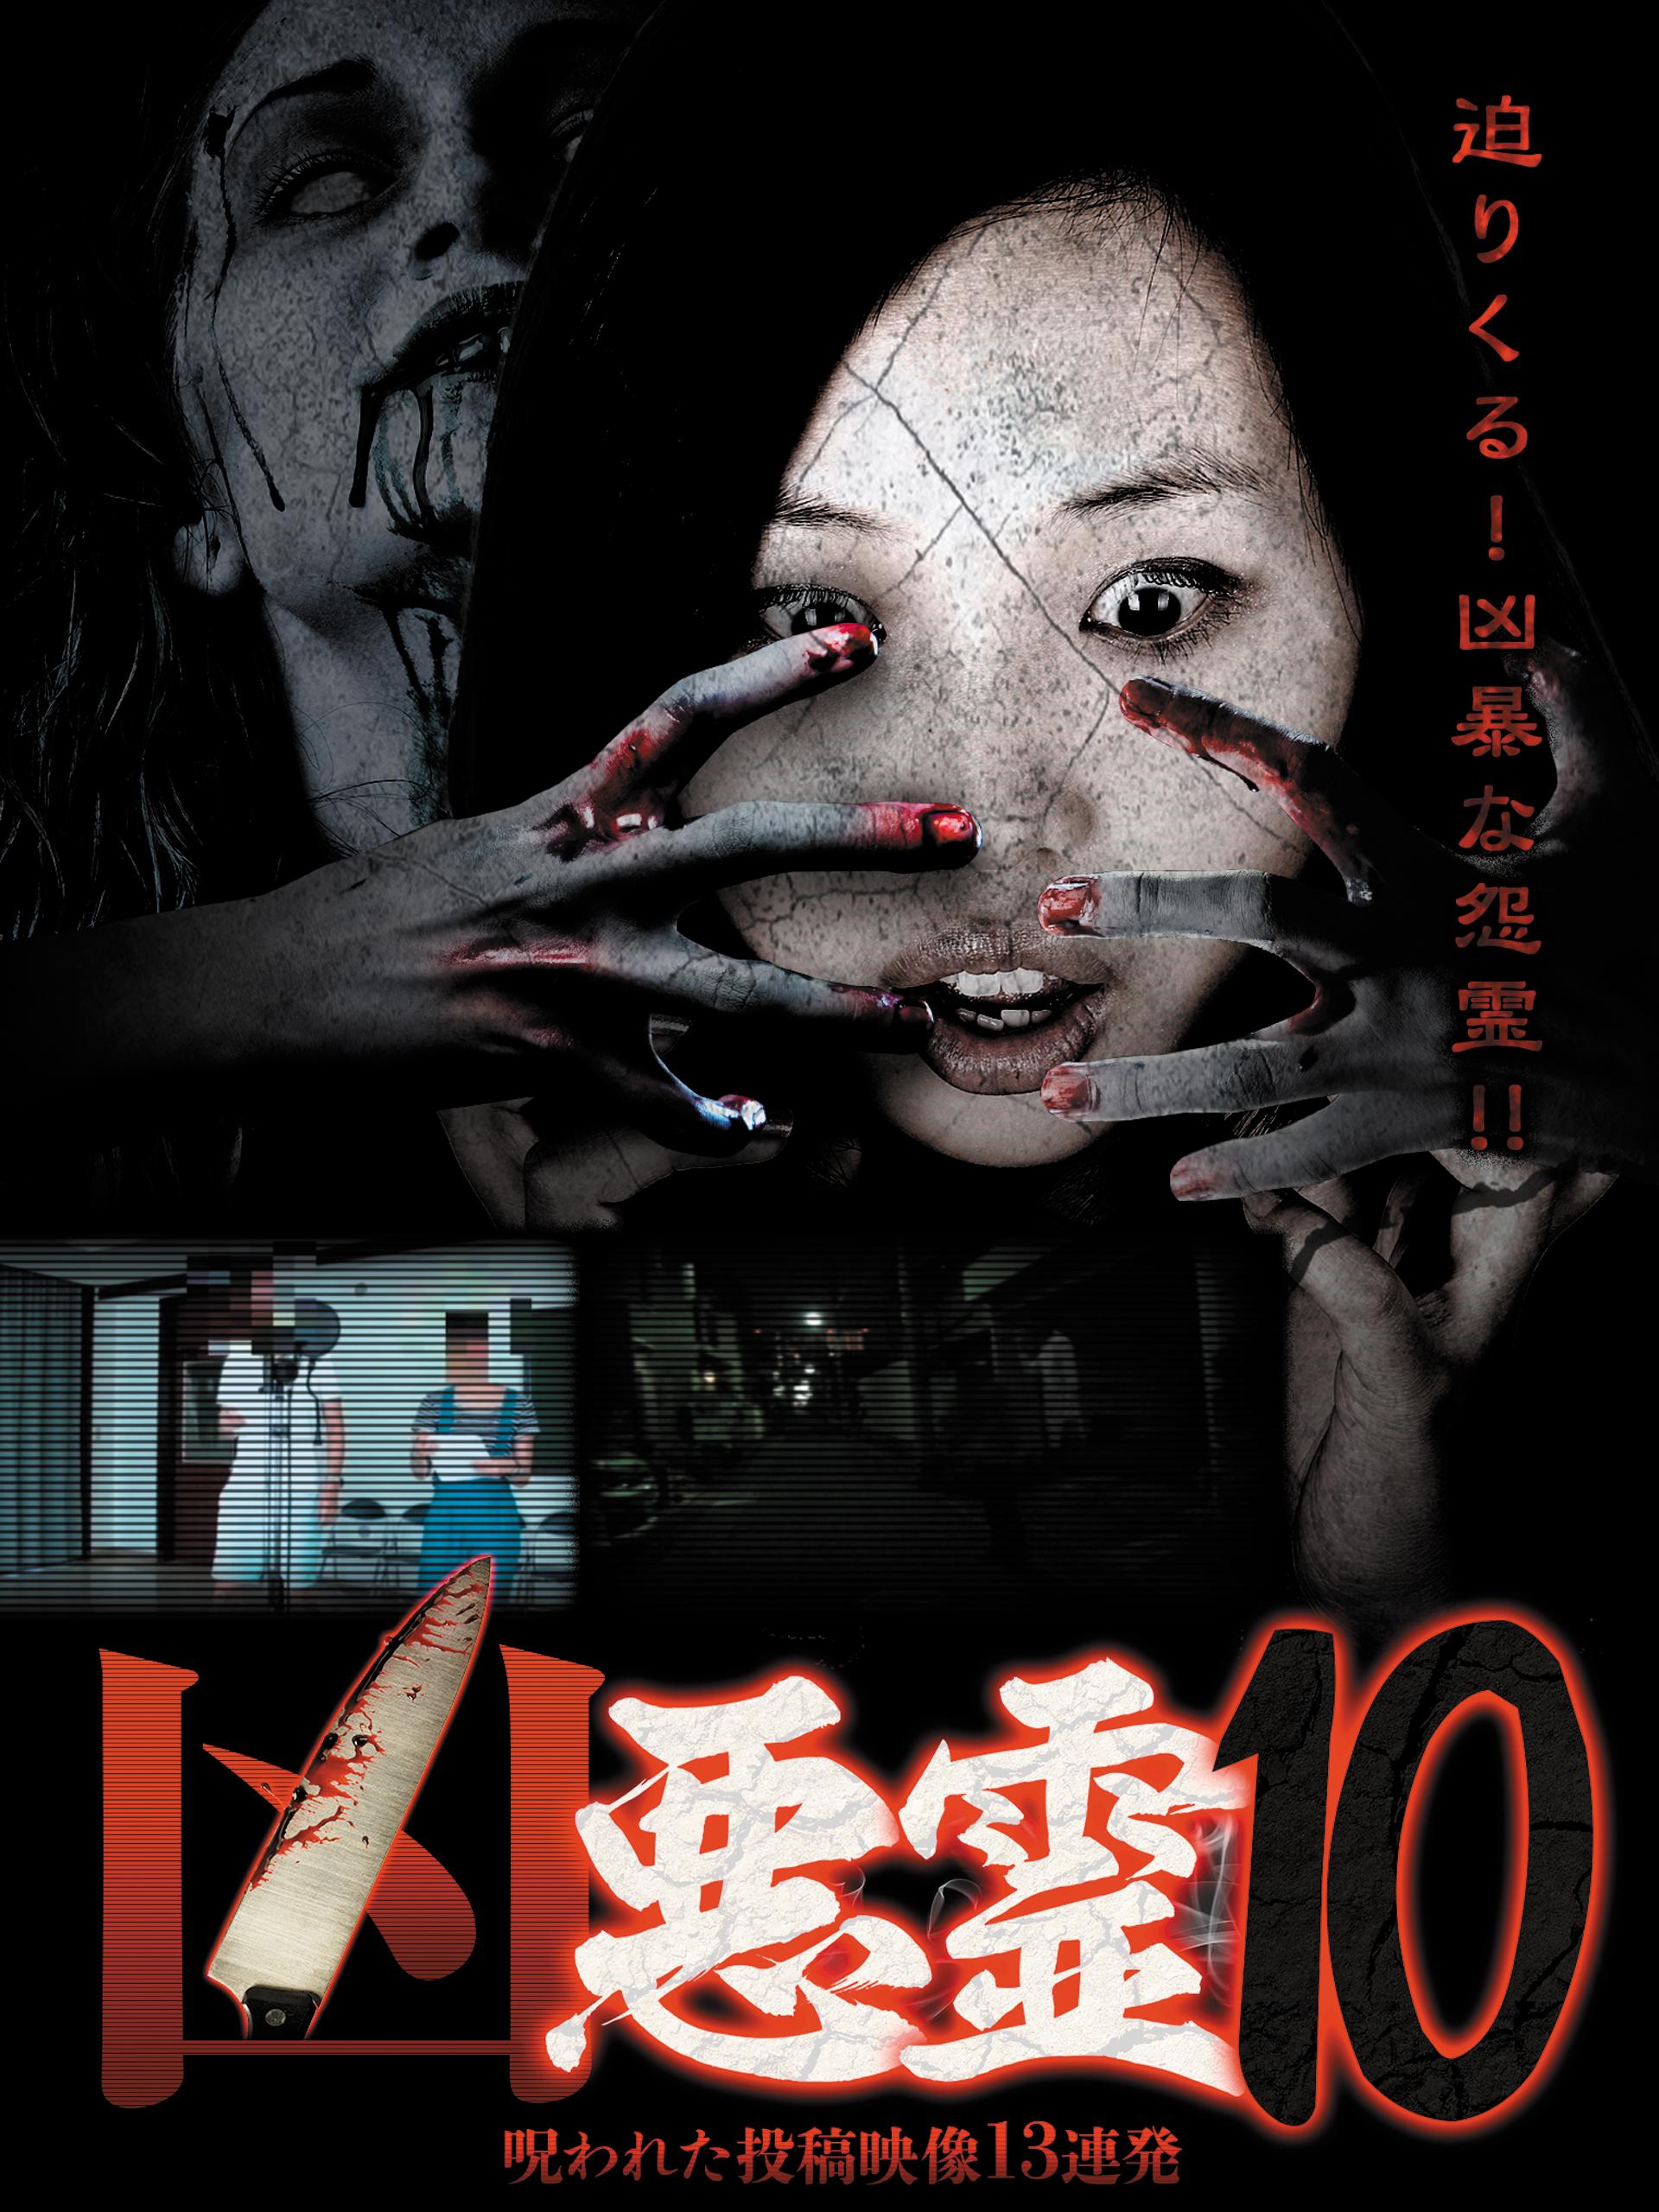 凶悪霊 13本の呪われた投稿映像 Vol.10